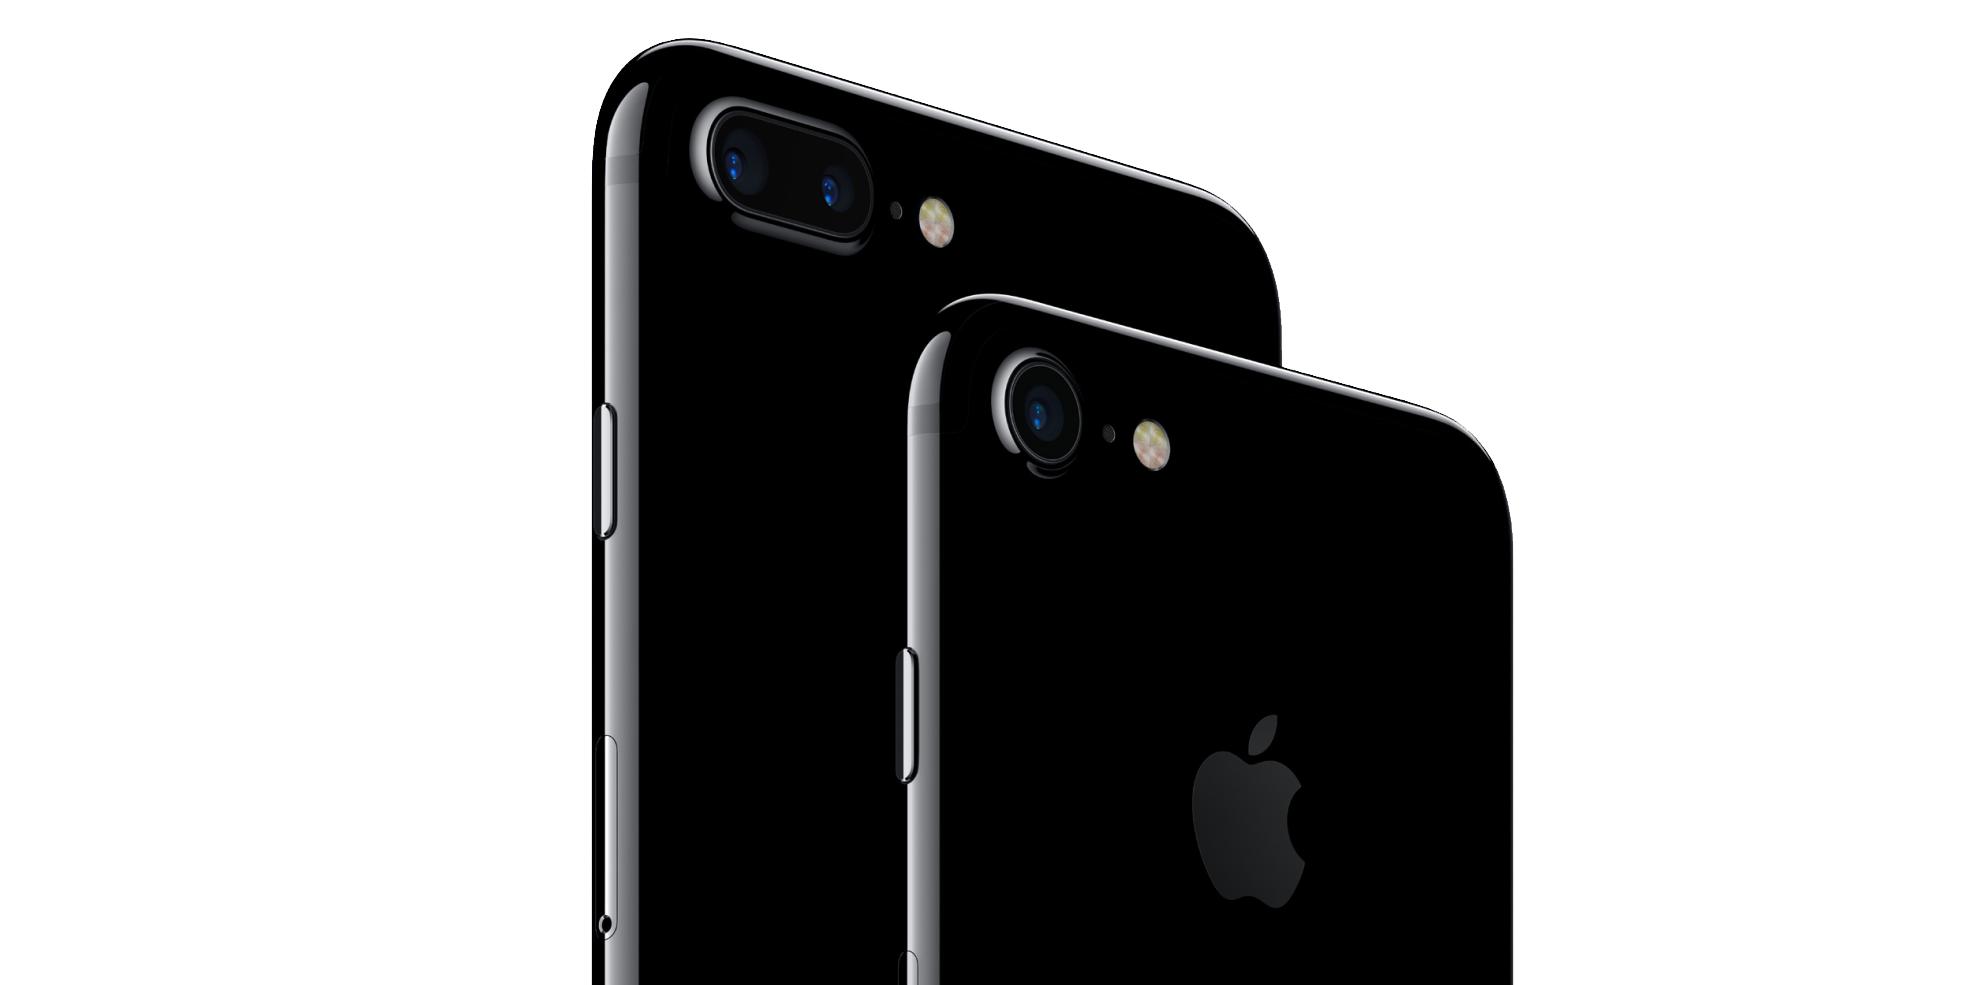 Türkiyede garantisi olan iphone 8 ,Türkiyede garantisi olan iPhone 8 plus modeli , A1867 ,A1905